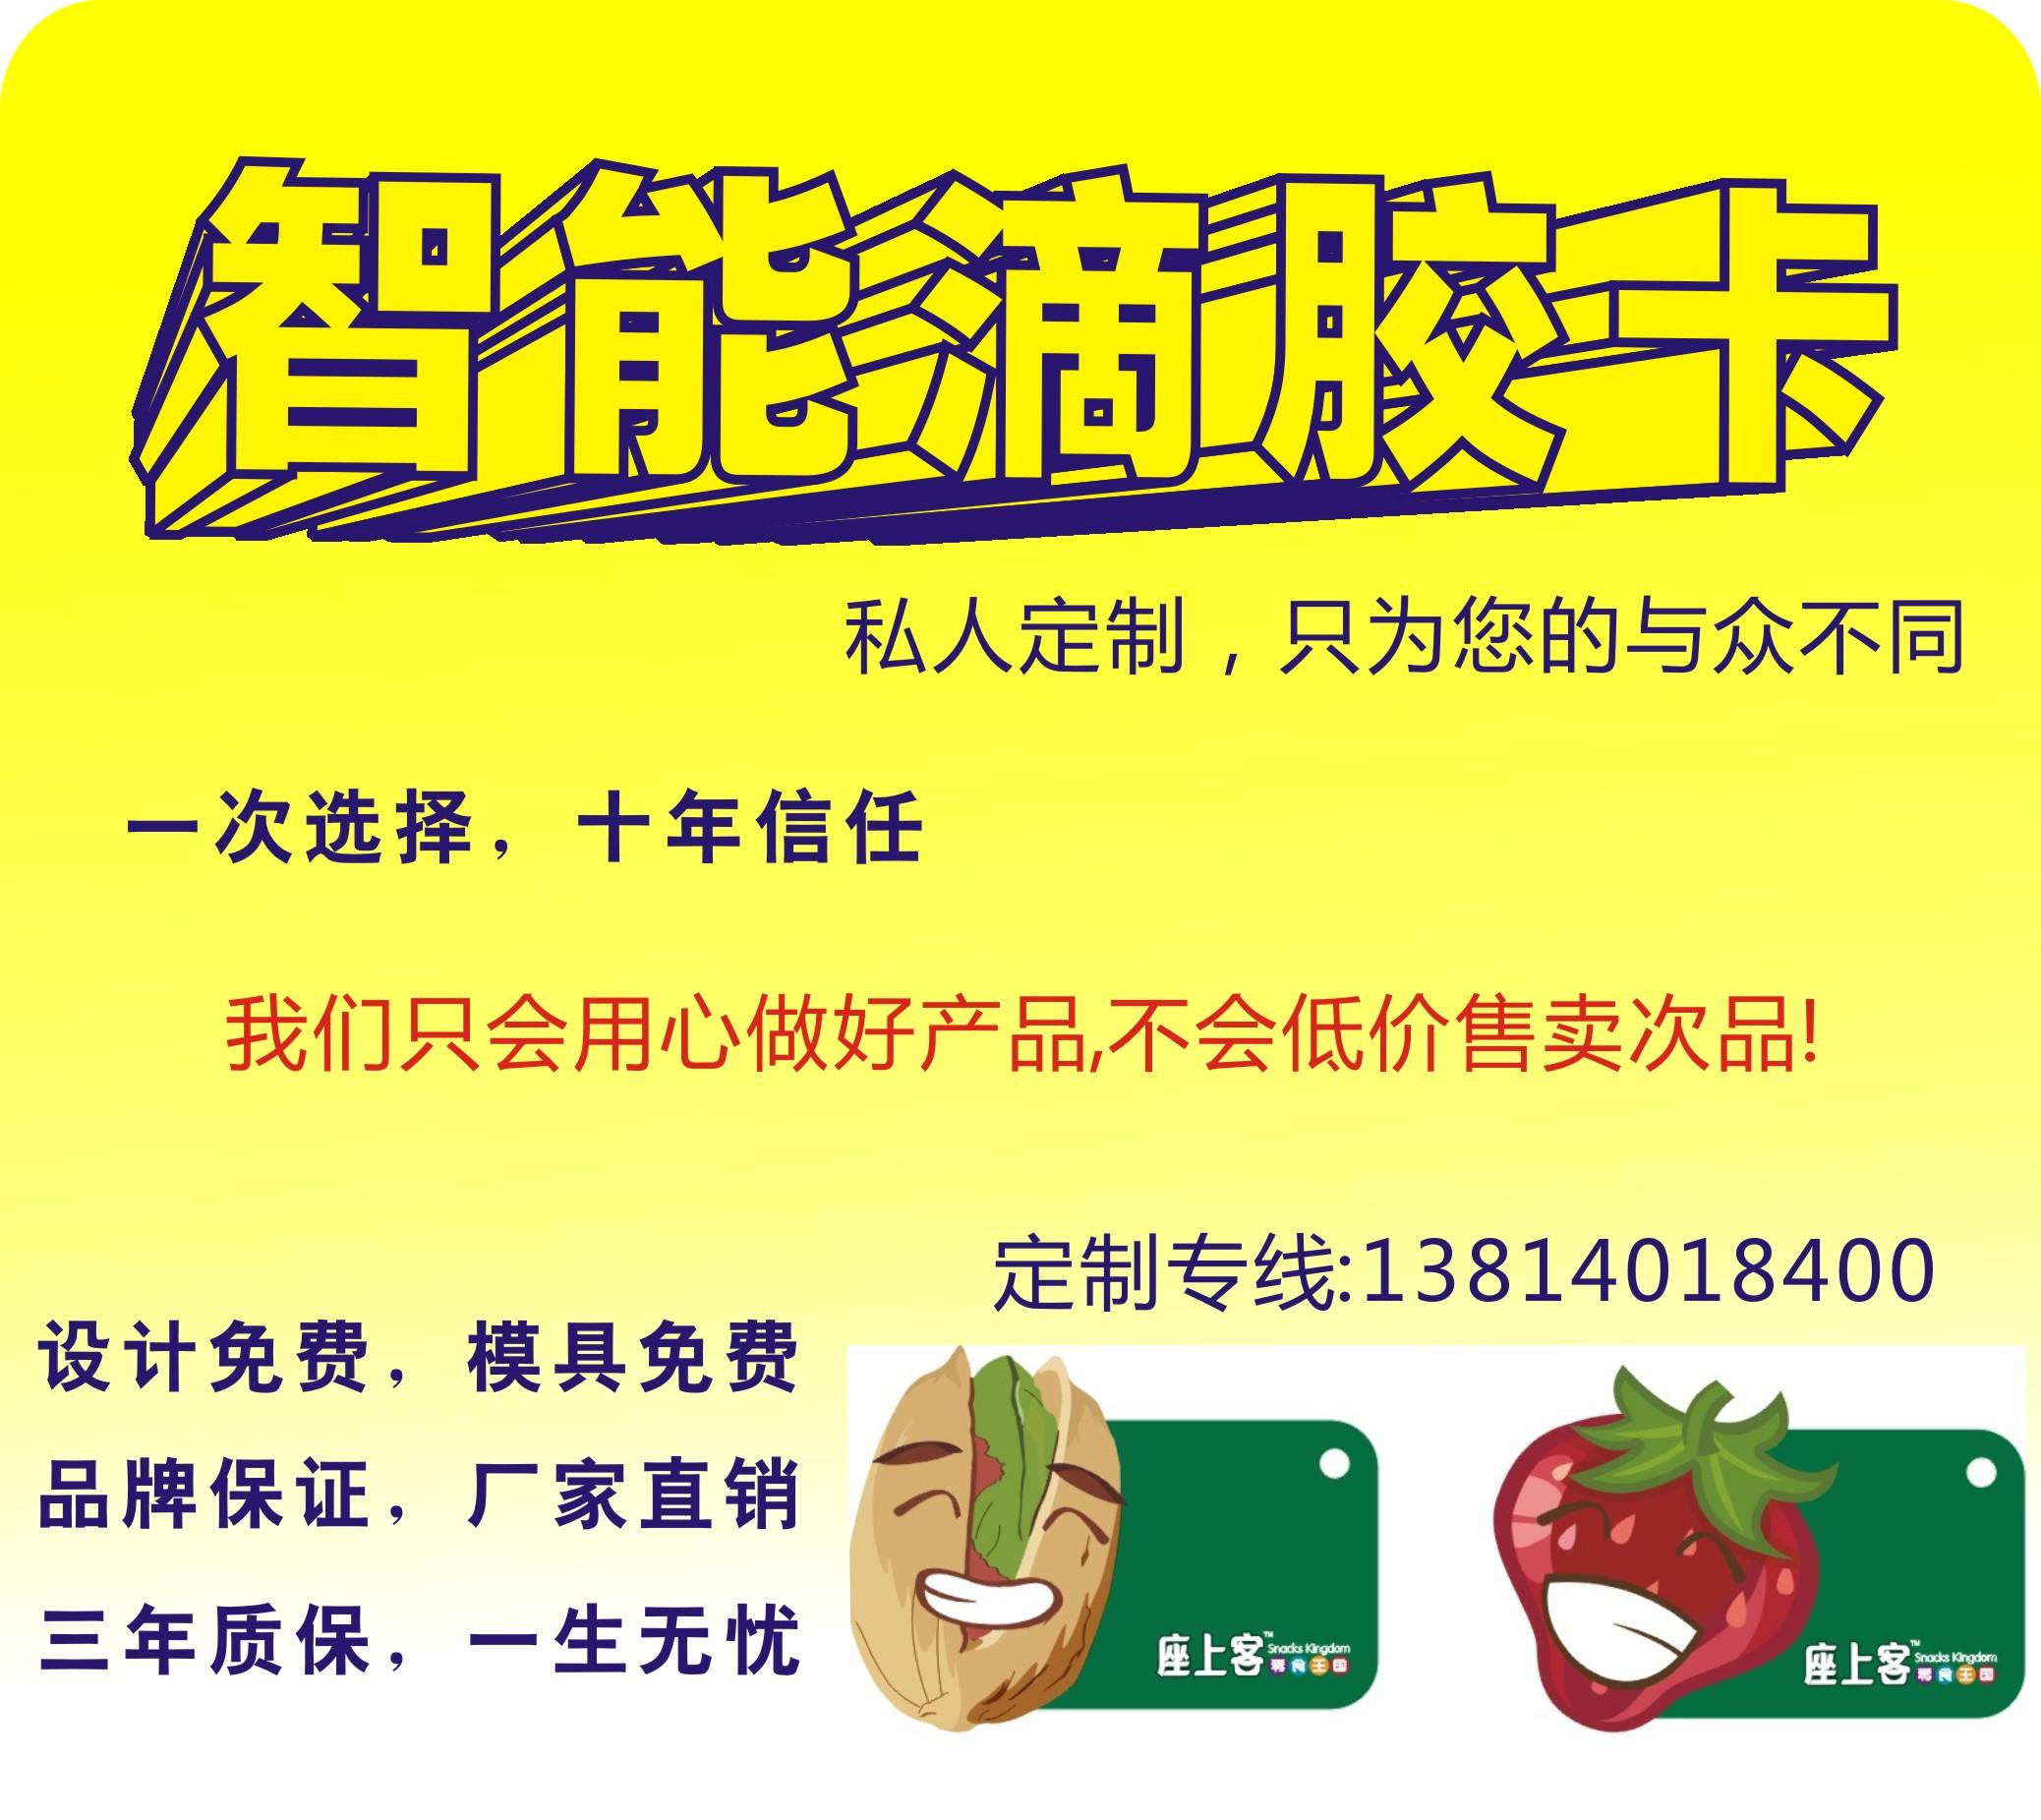 异形卡M1滴胶卡IC塑胶卡水晶图片/异形卡M1滴胶卡IC塑胶卡水晶样板图 (1)